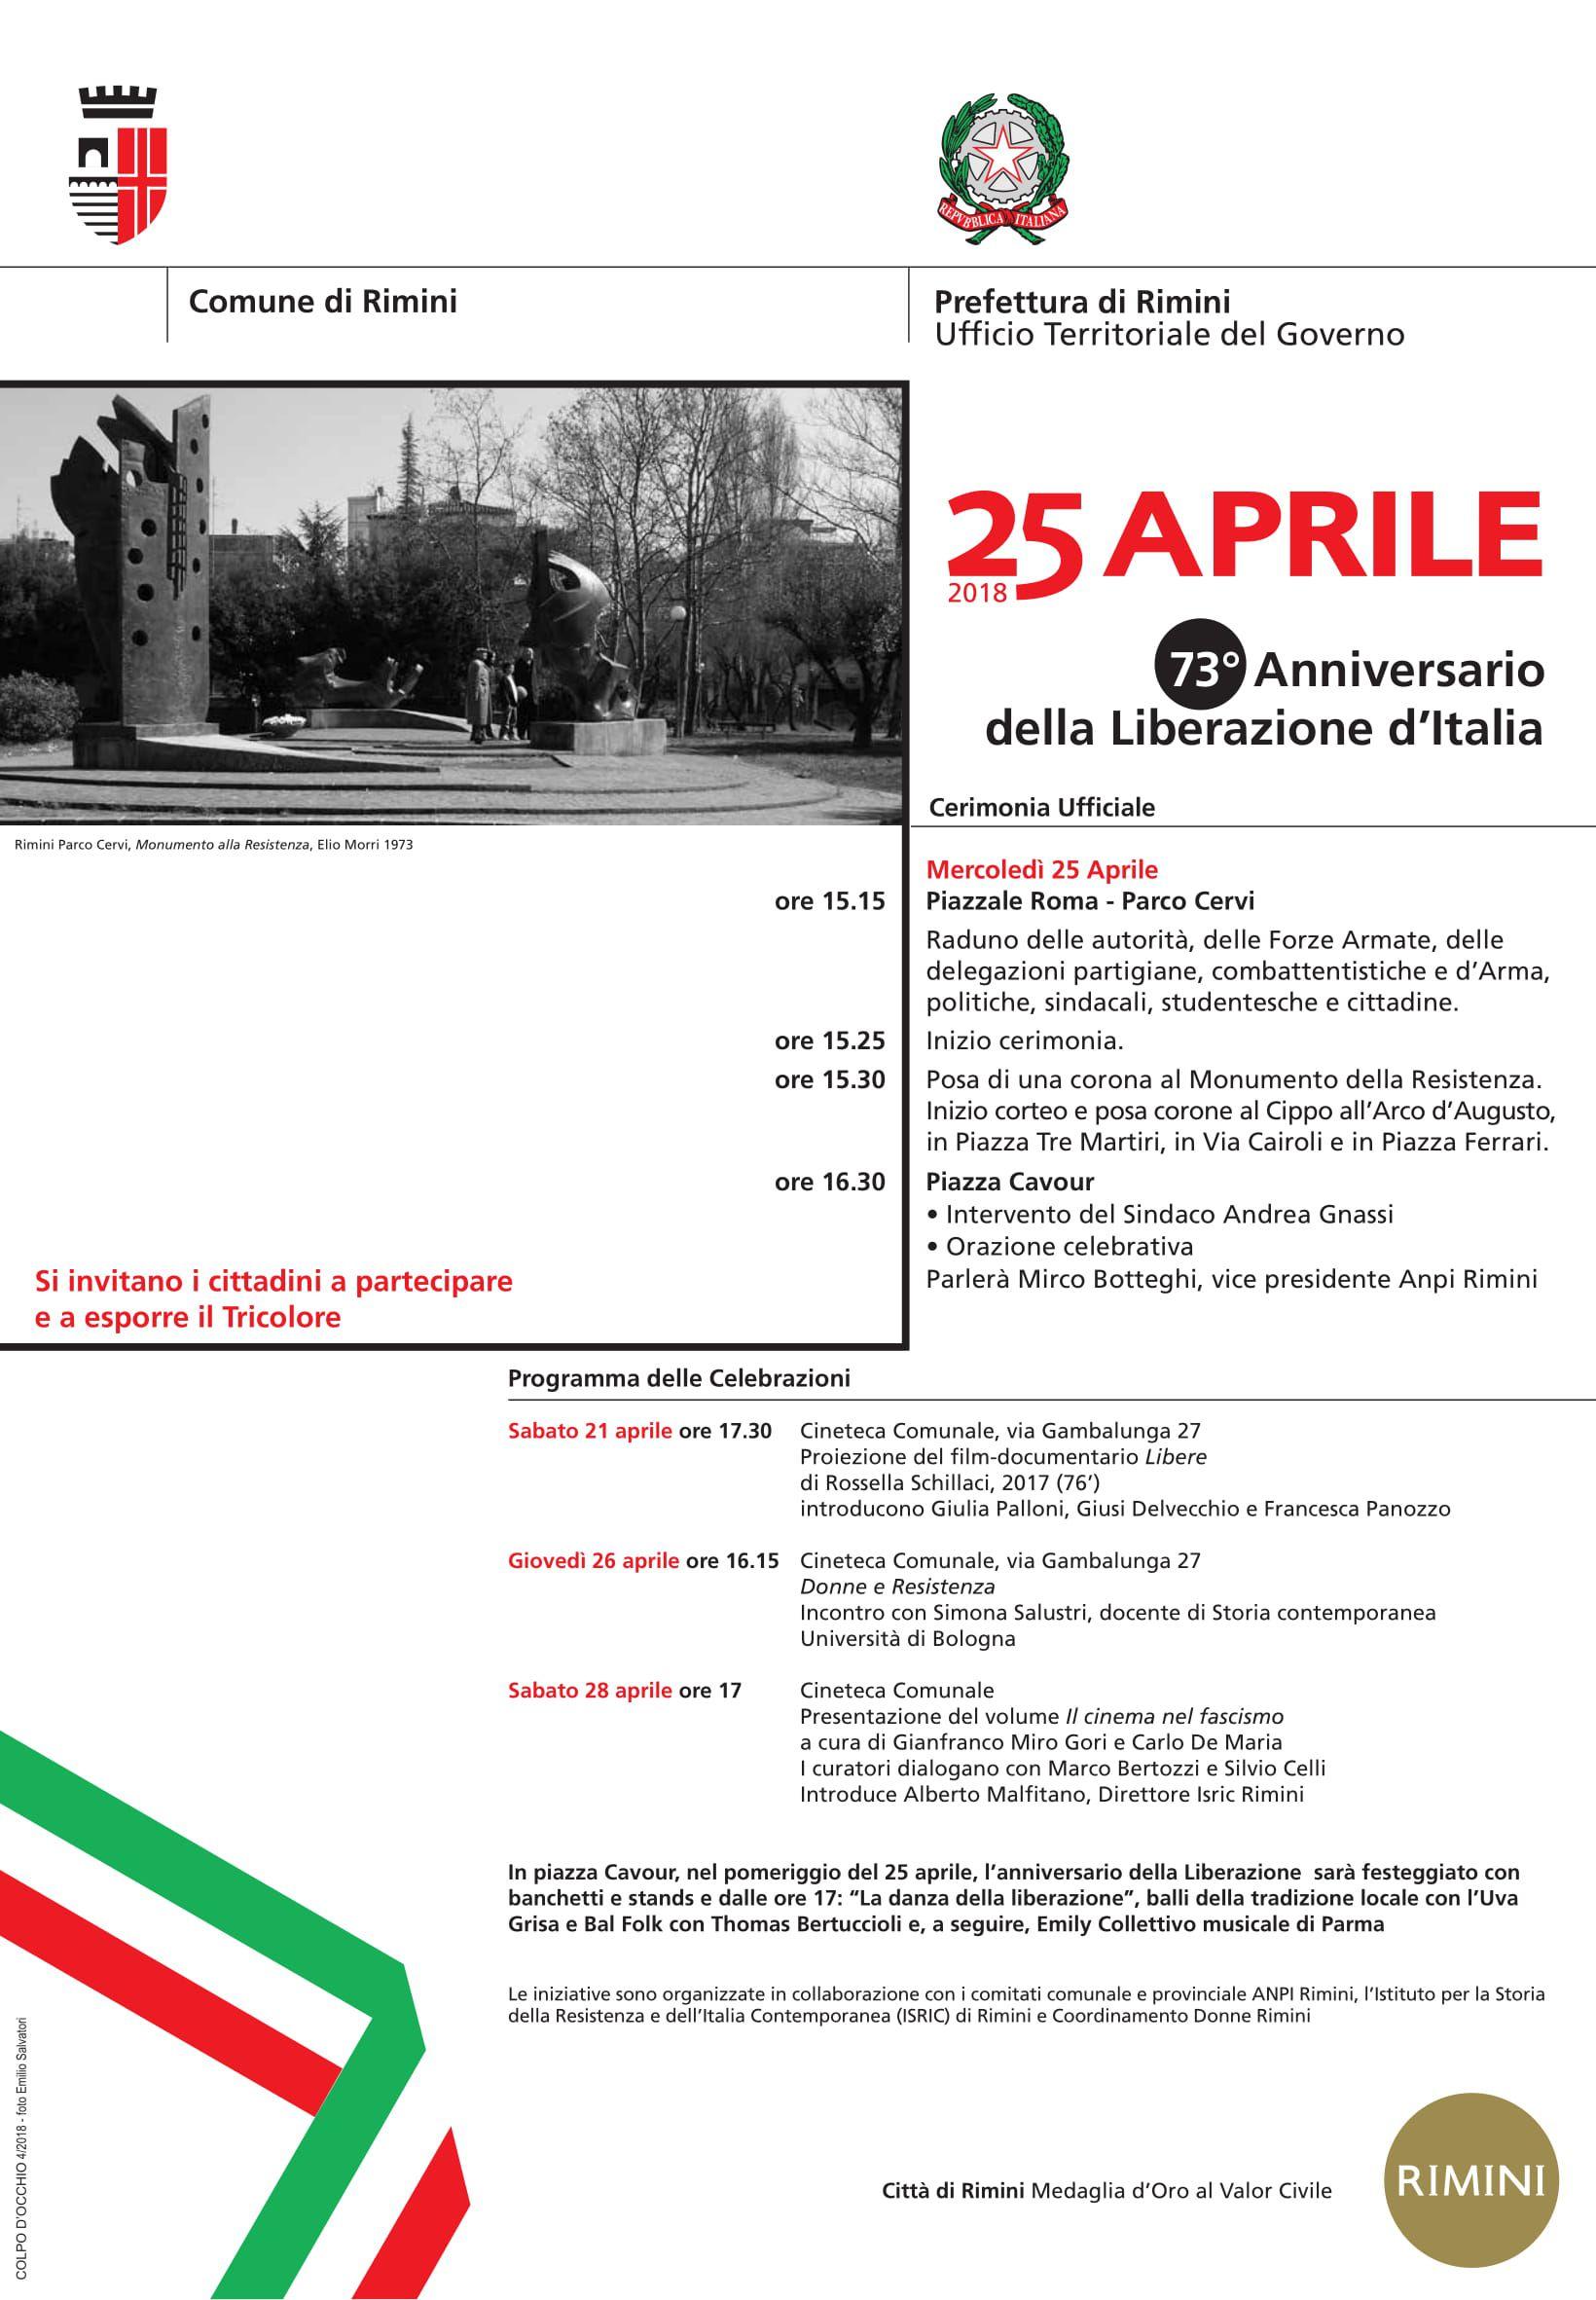 Celebrazione del 25 Aprile - 73°Anniversario della Liberazione